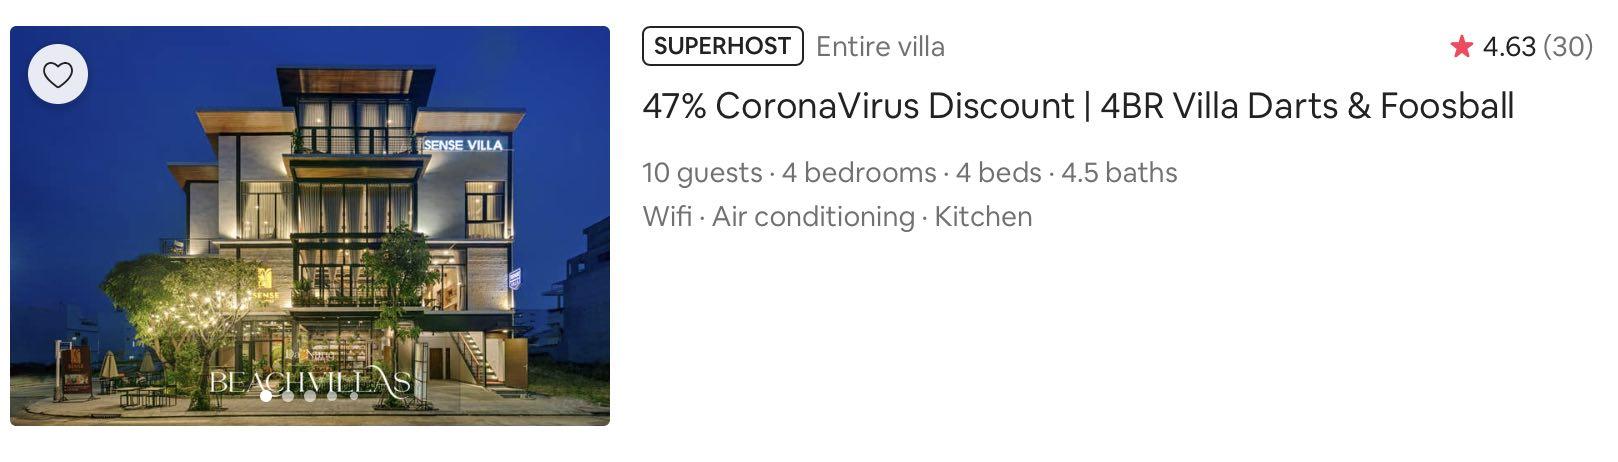 airbnb coronavirus discount